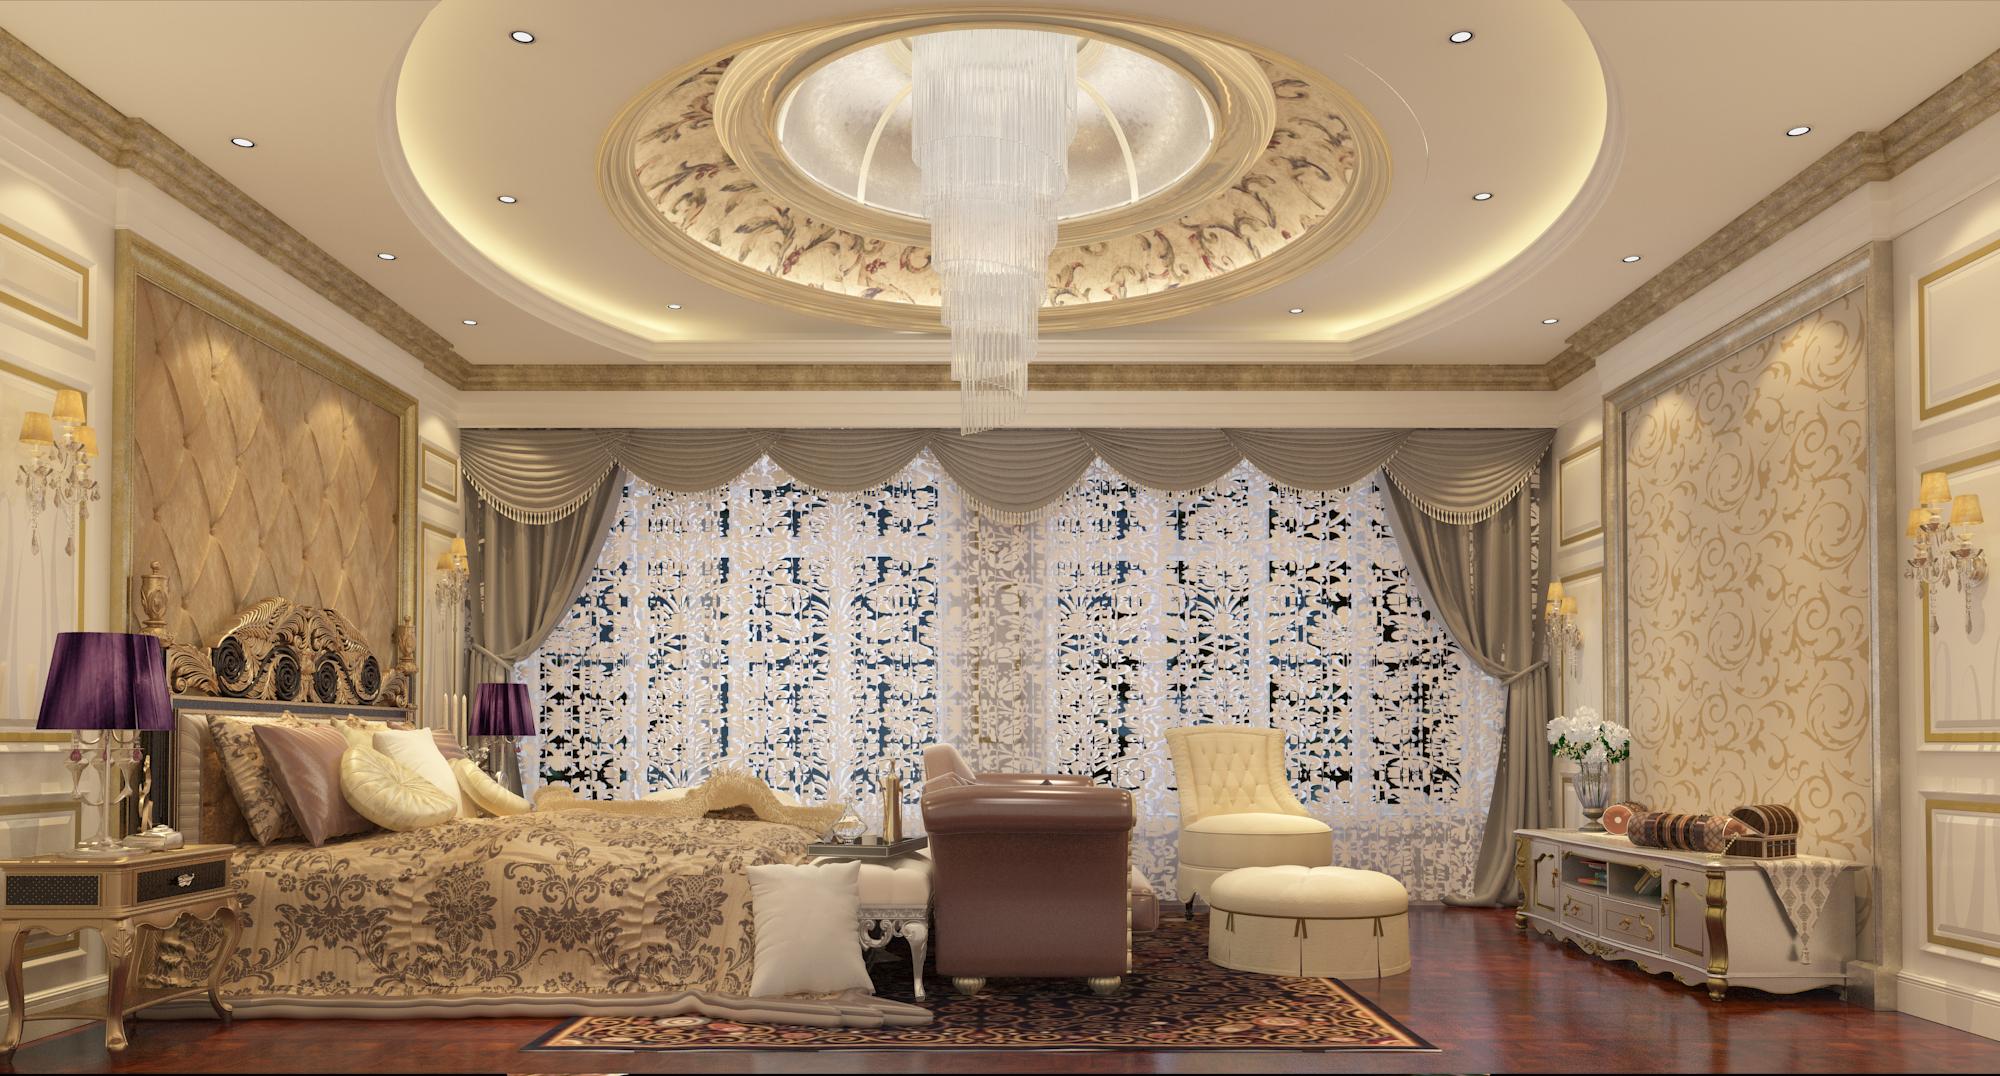 简约 欧式 混搭 别墅 小资 卧室图片来自林上淮·圣奇凯尚装饰在传世康婷·800㎡独栋的分享